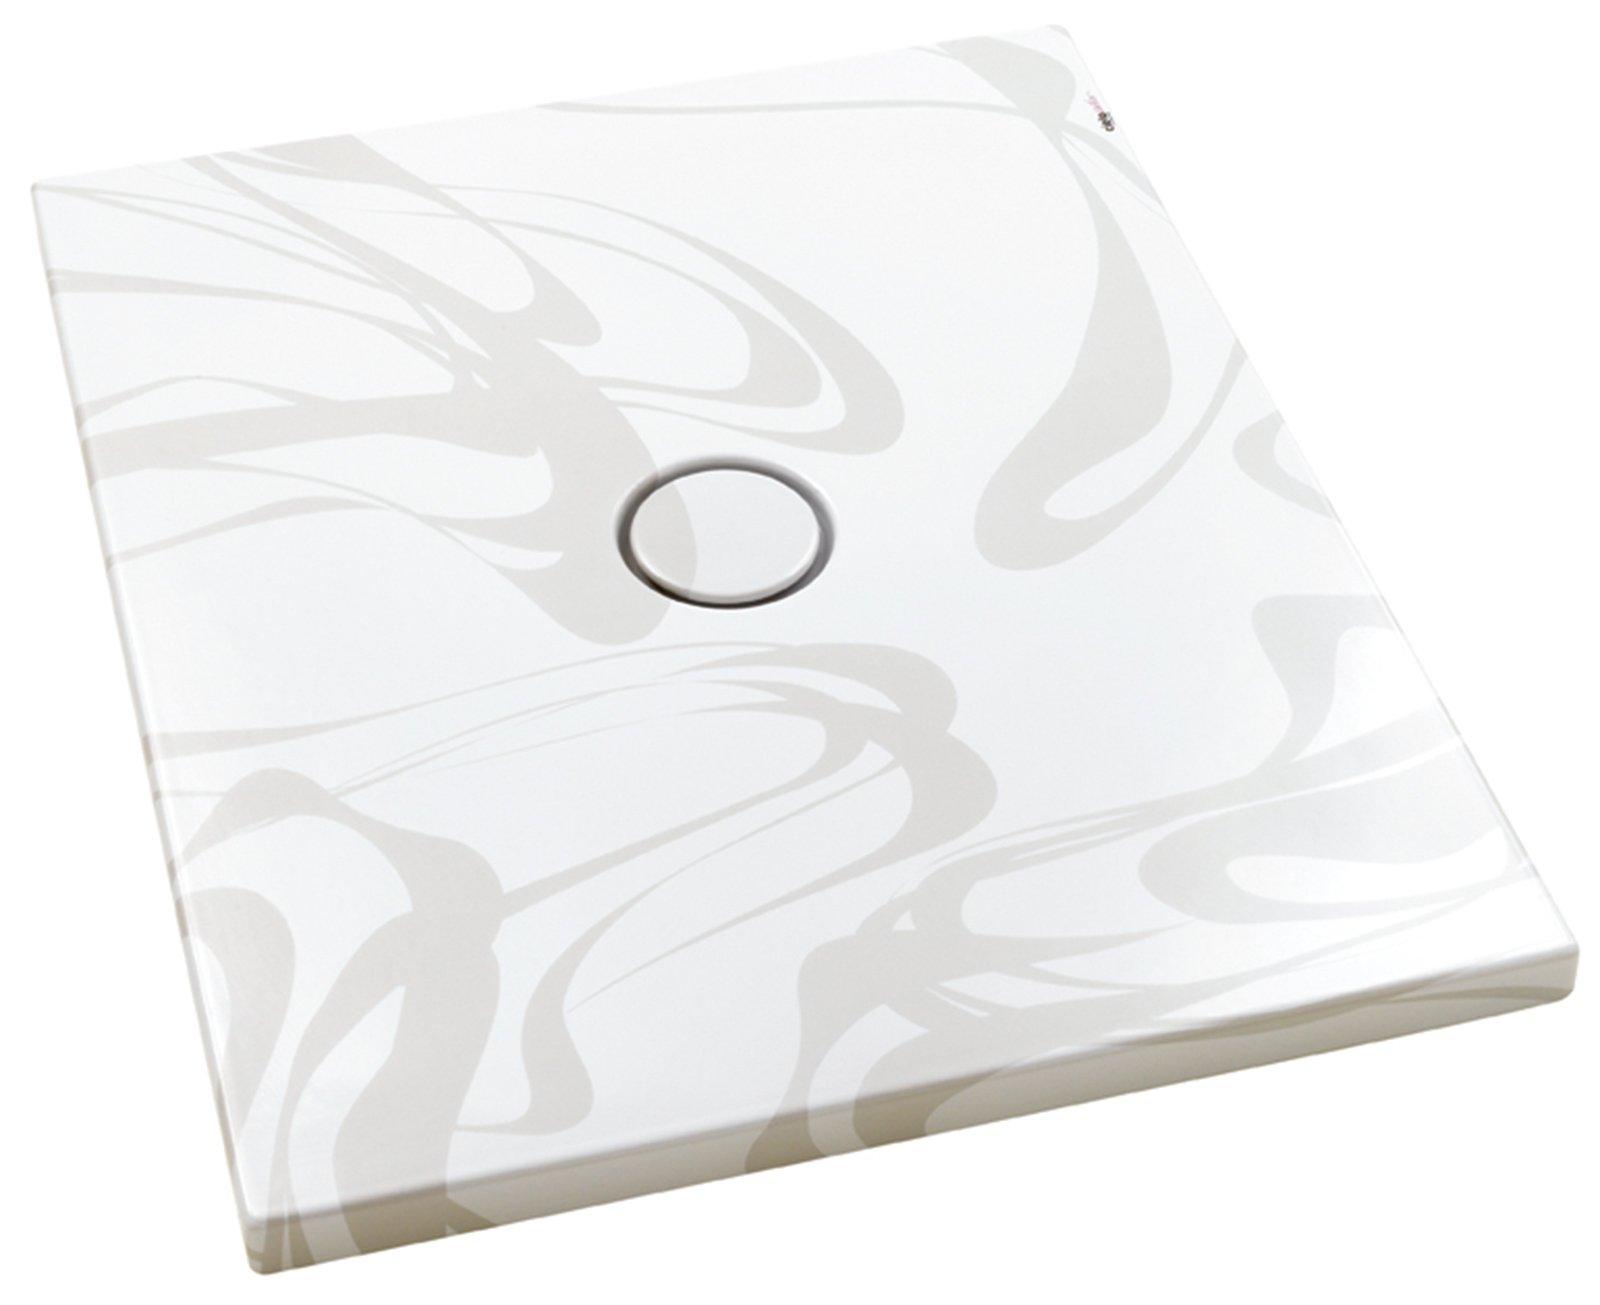 piatto doccia irregolare 70x : Piatto Come Fare : Piatto doccia quadrato, rettangolare, irregolare ...